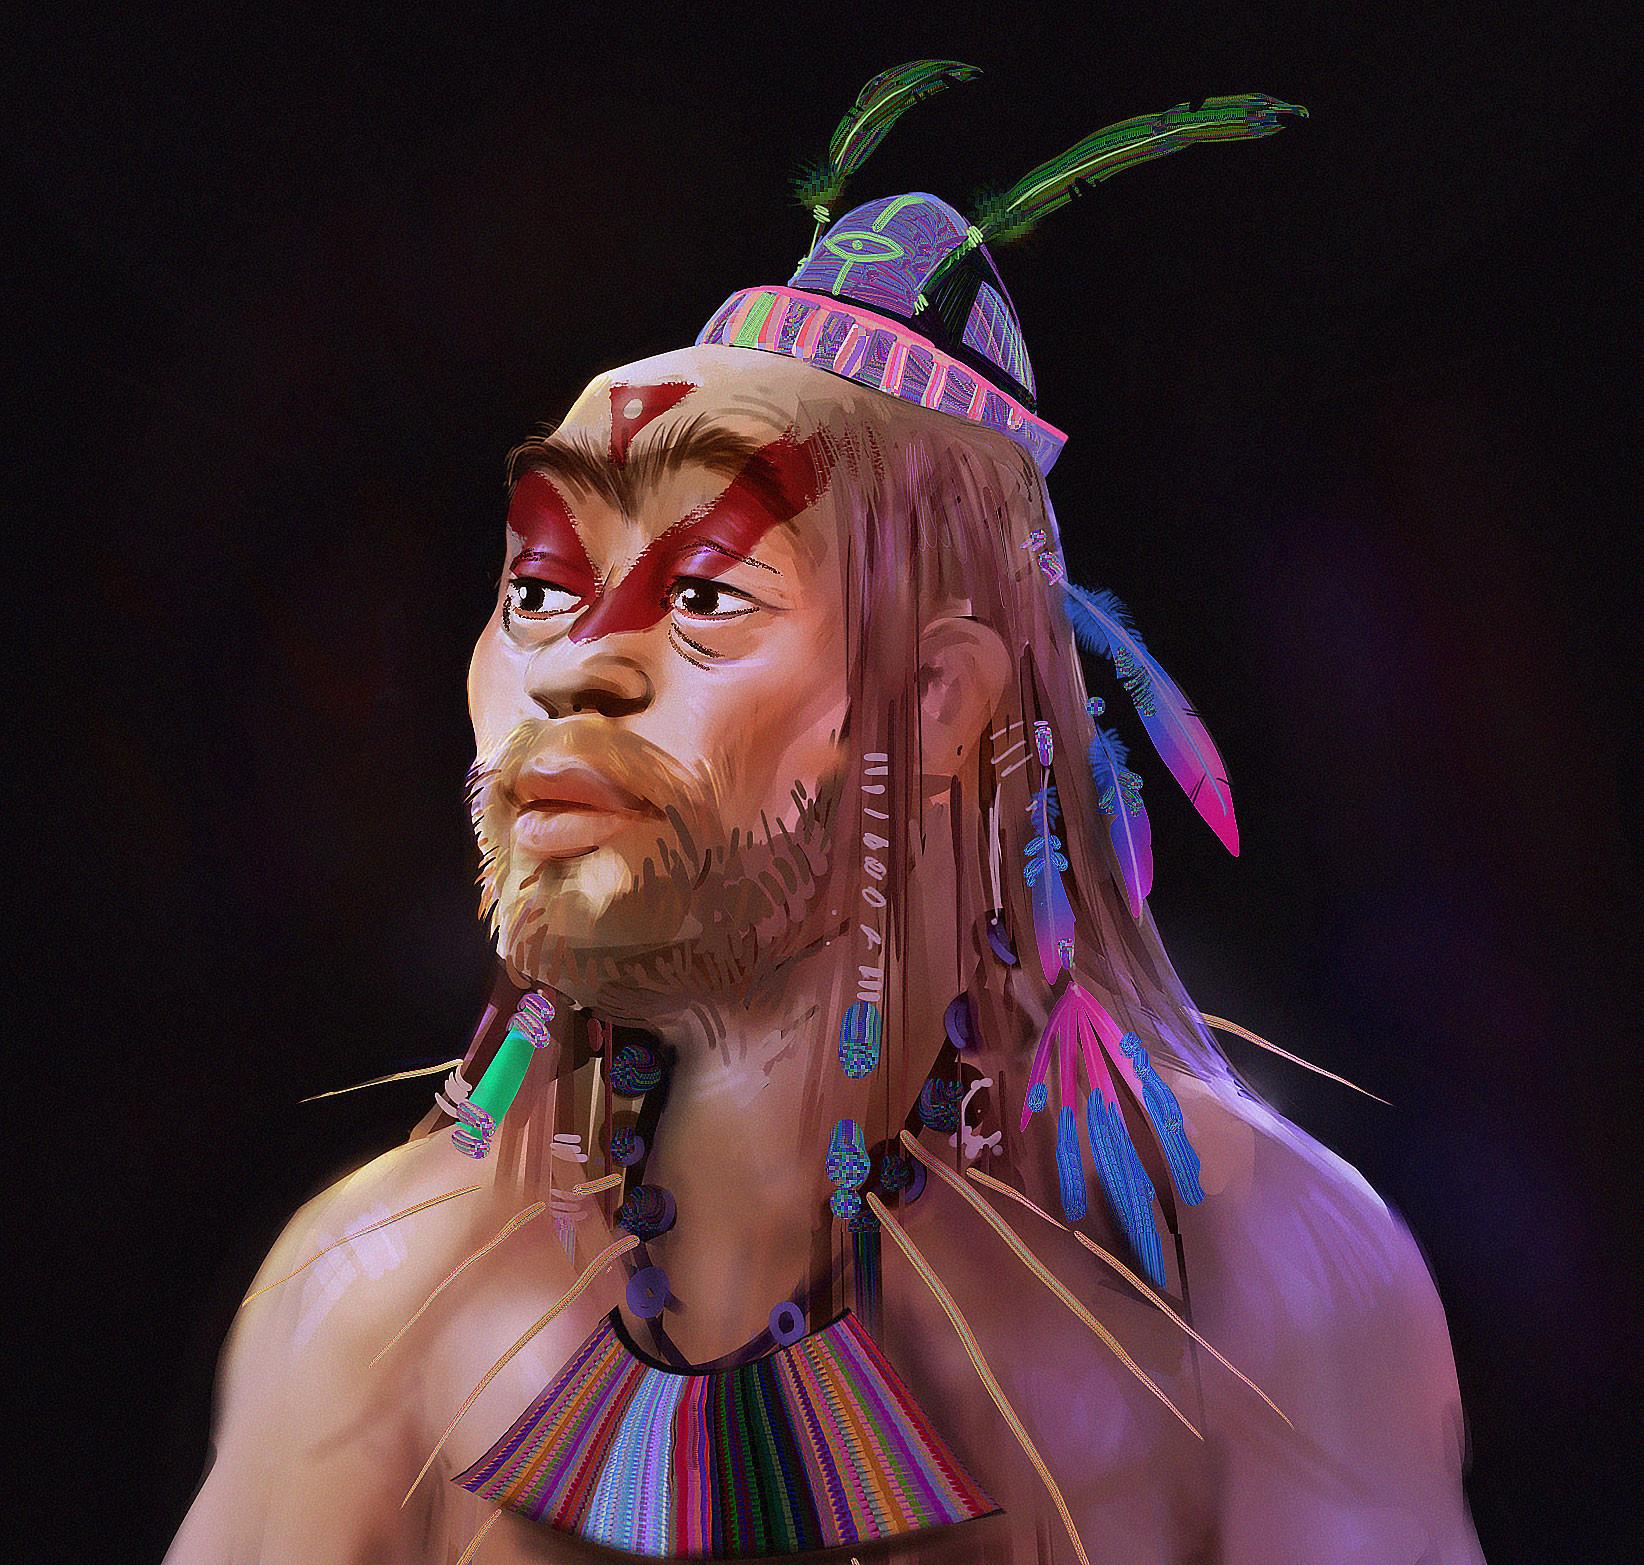 Kemane ba procedualsewing shaman